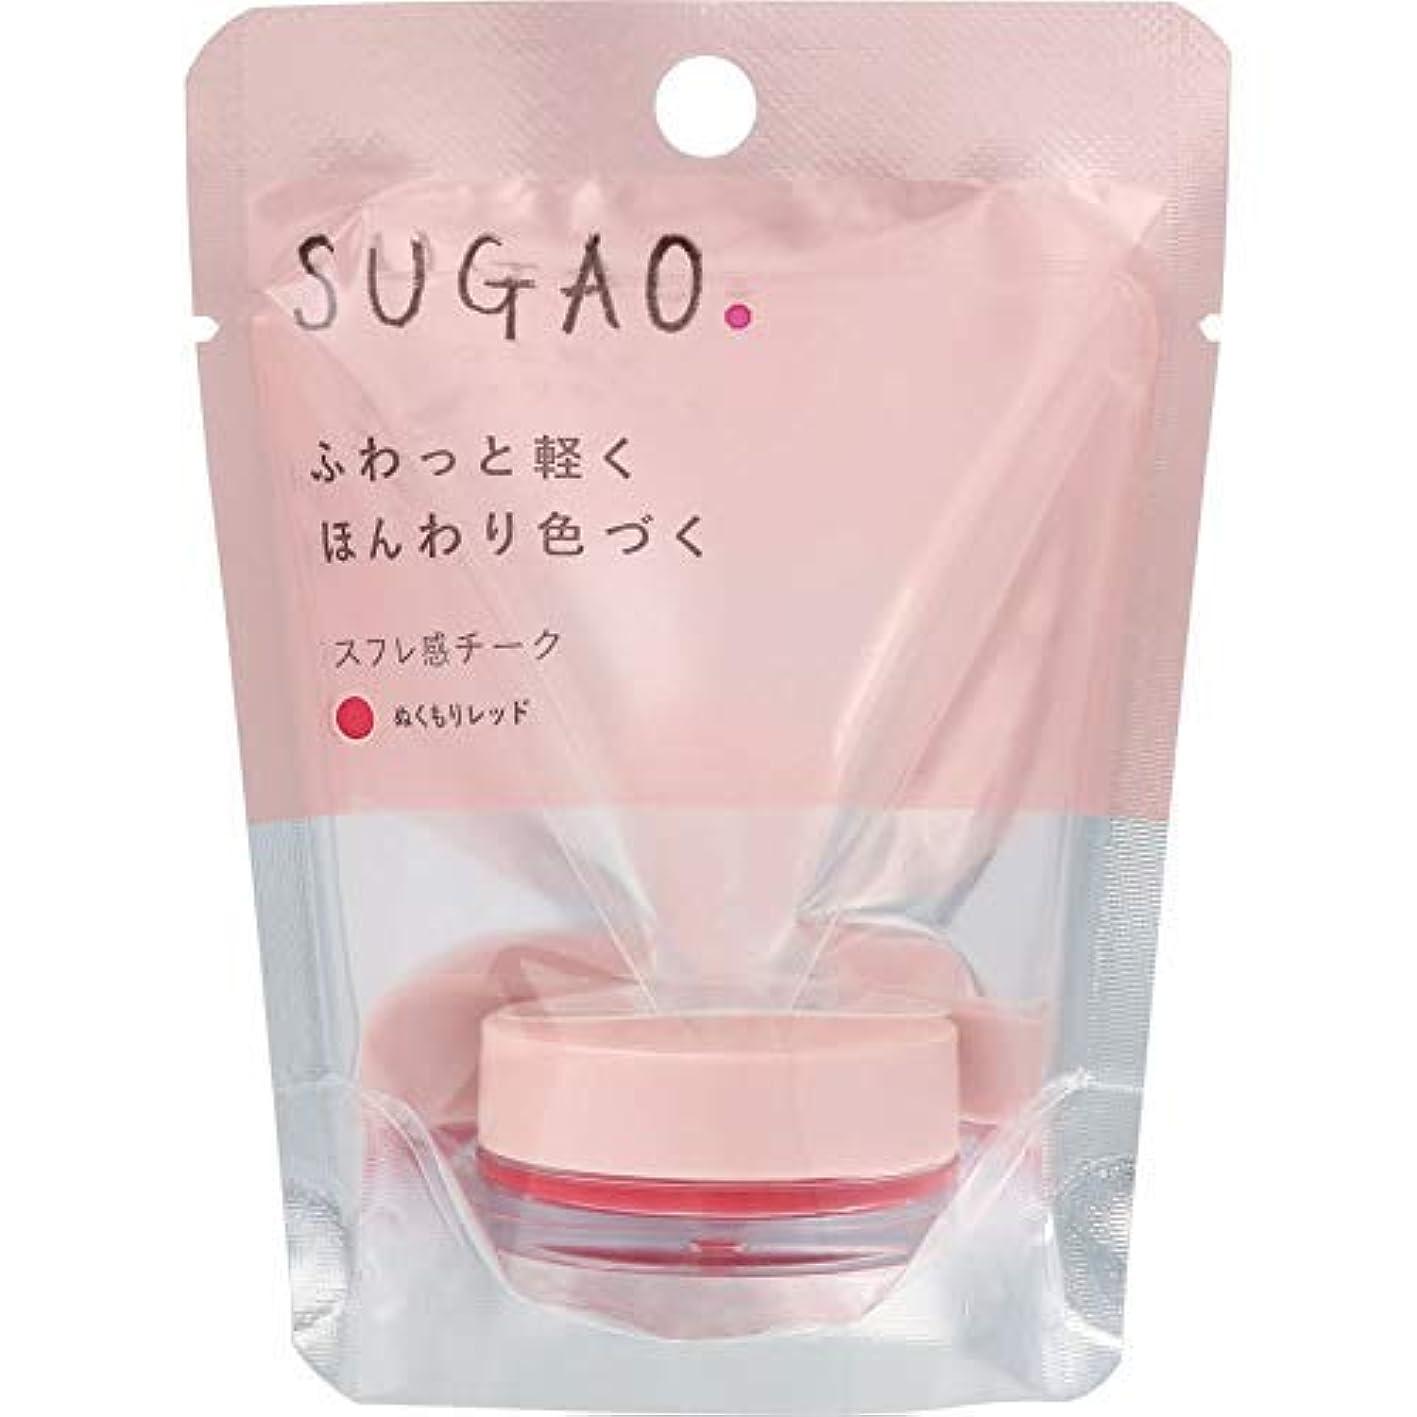 コーヒー魂恐れるSUGAO スフレ感チーク ぬくもりレッド × 3個セット